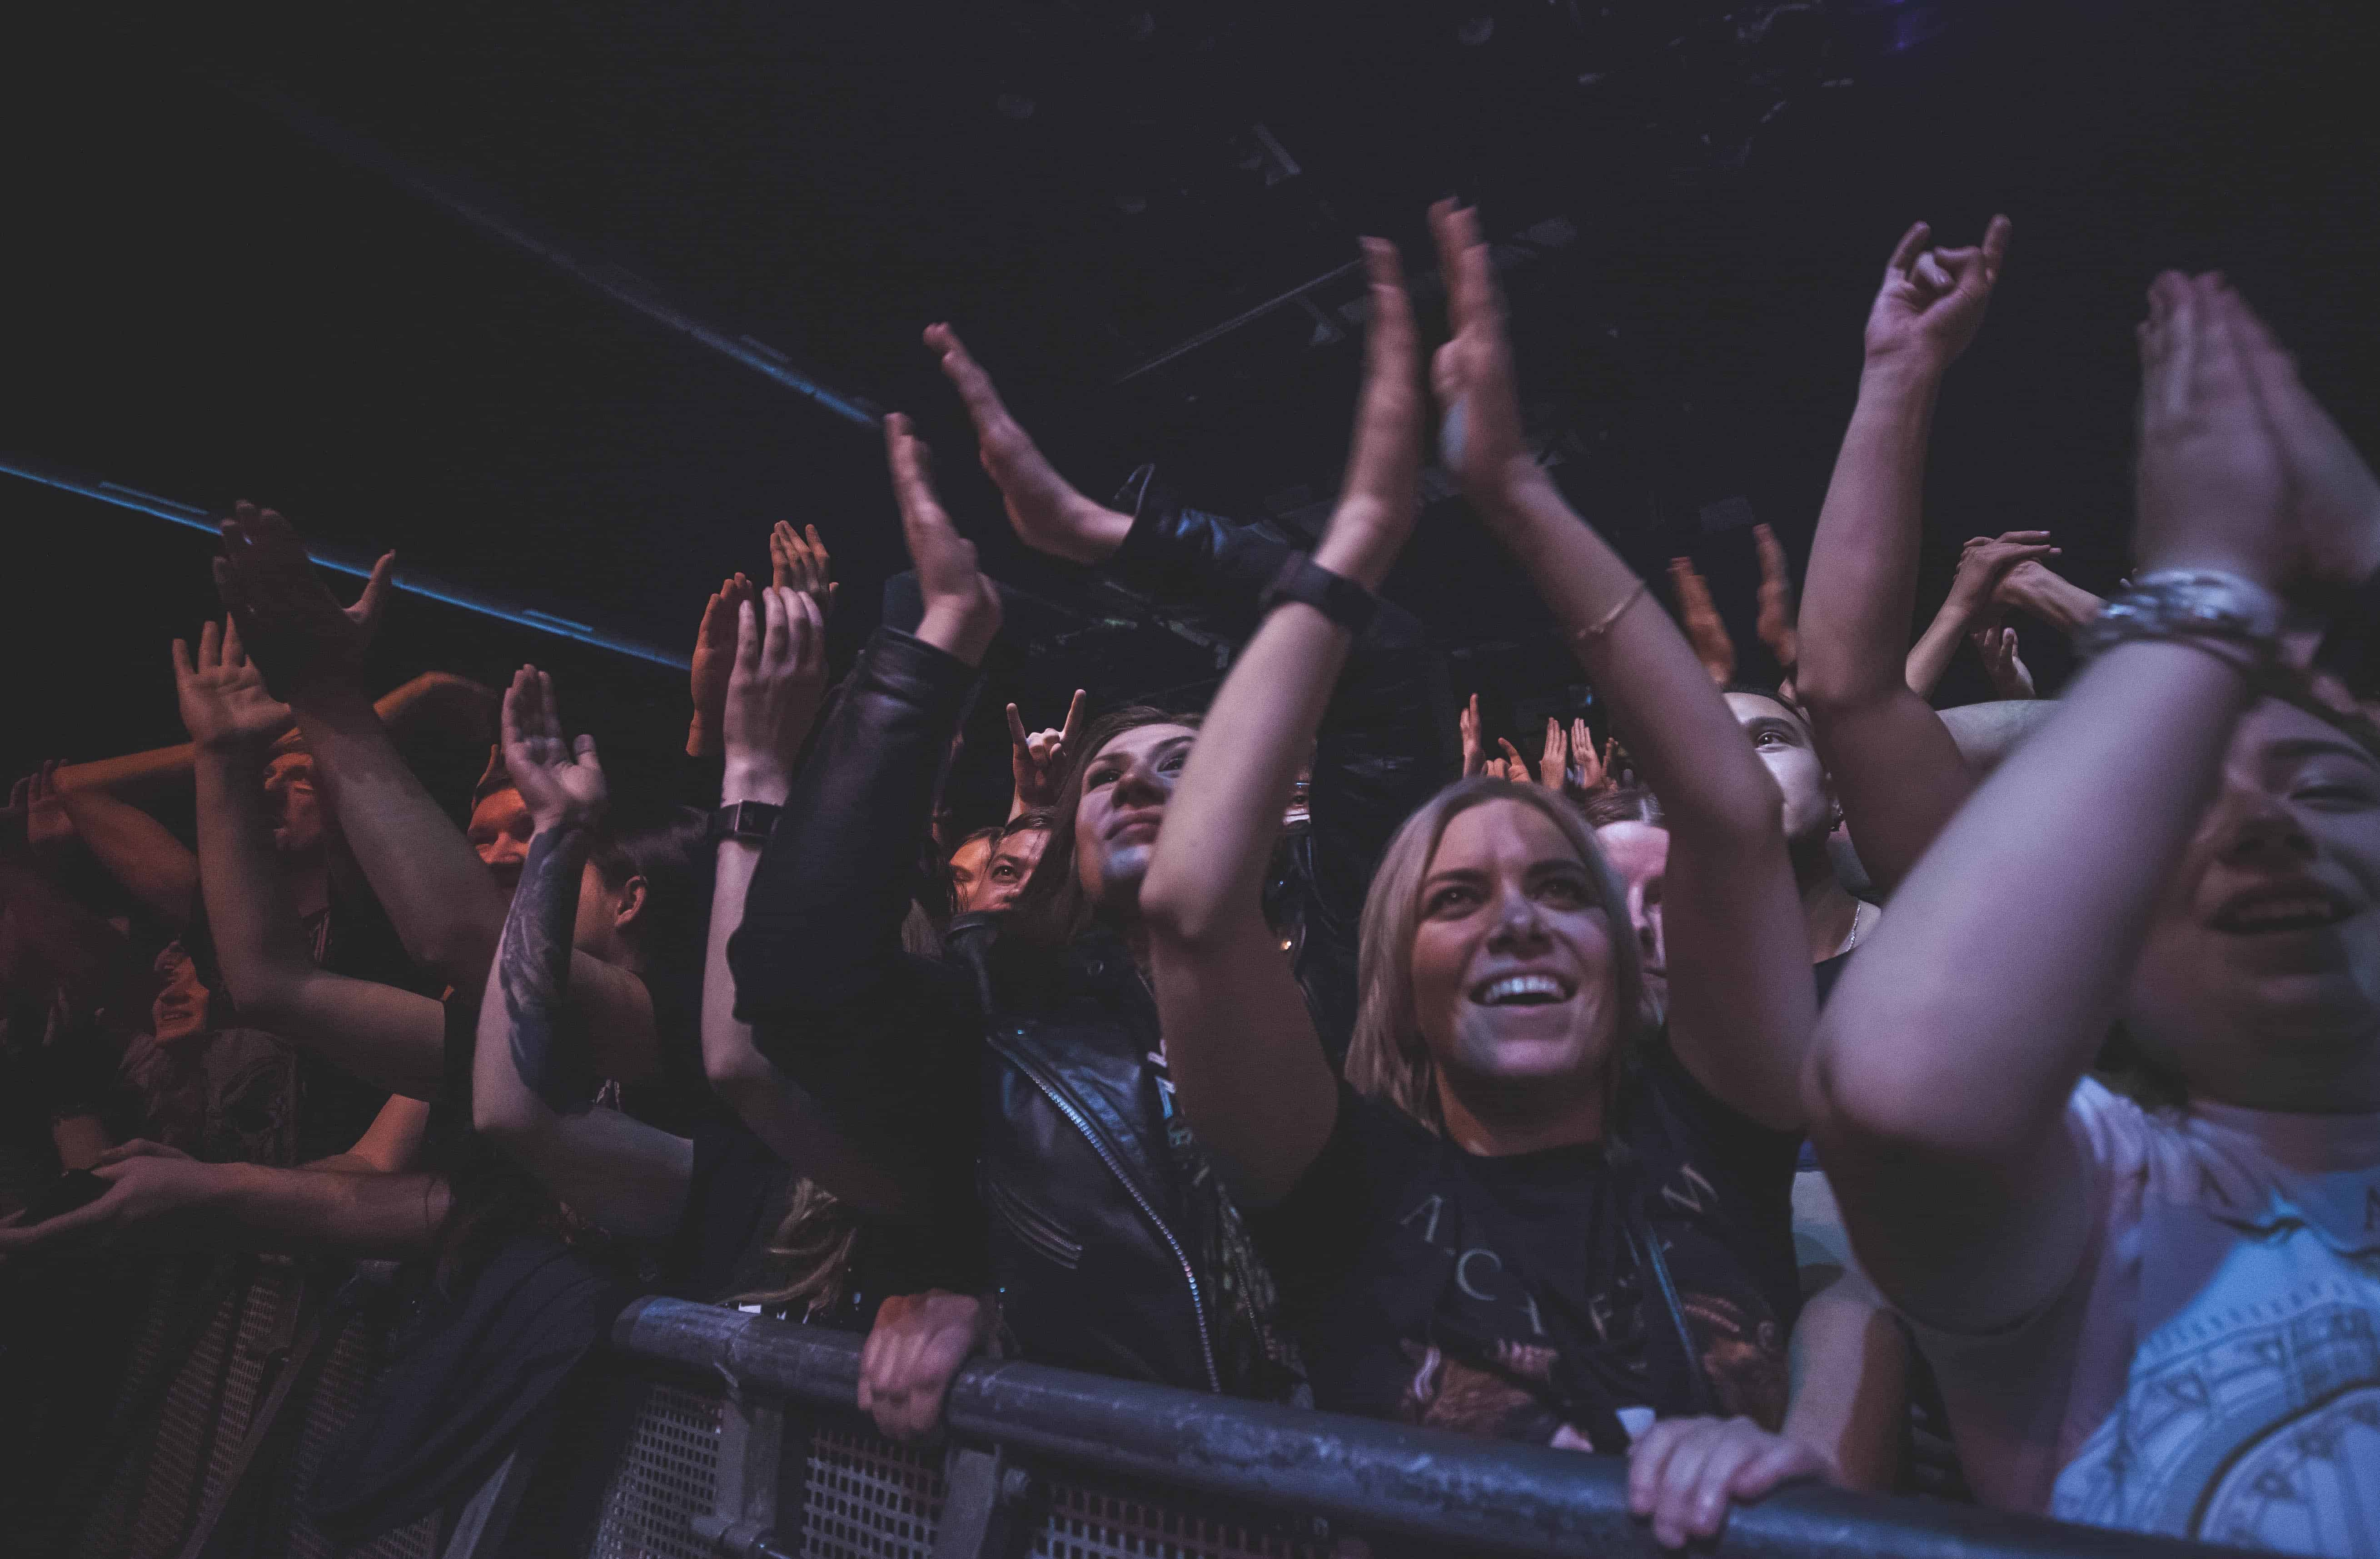 Концерт Arch Enemy в ГЛАВCLUB GREEN CONCERT Концерт Arch Enemy в ГЛАВCLUB GREEN CONCERT IMG 7128